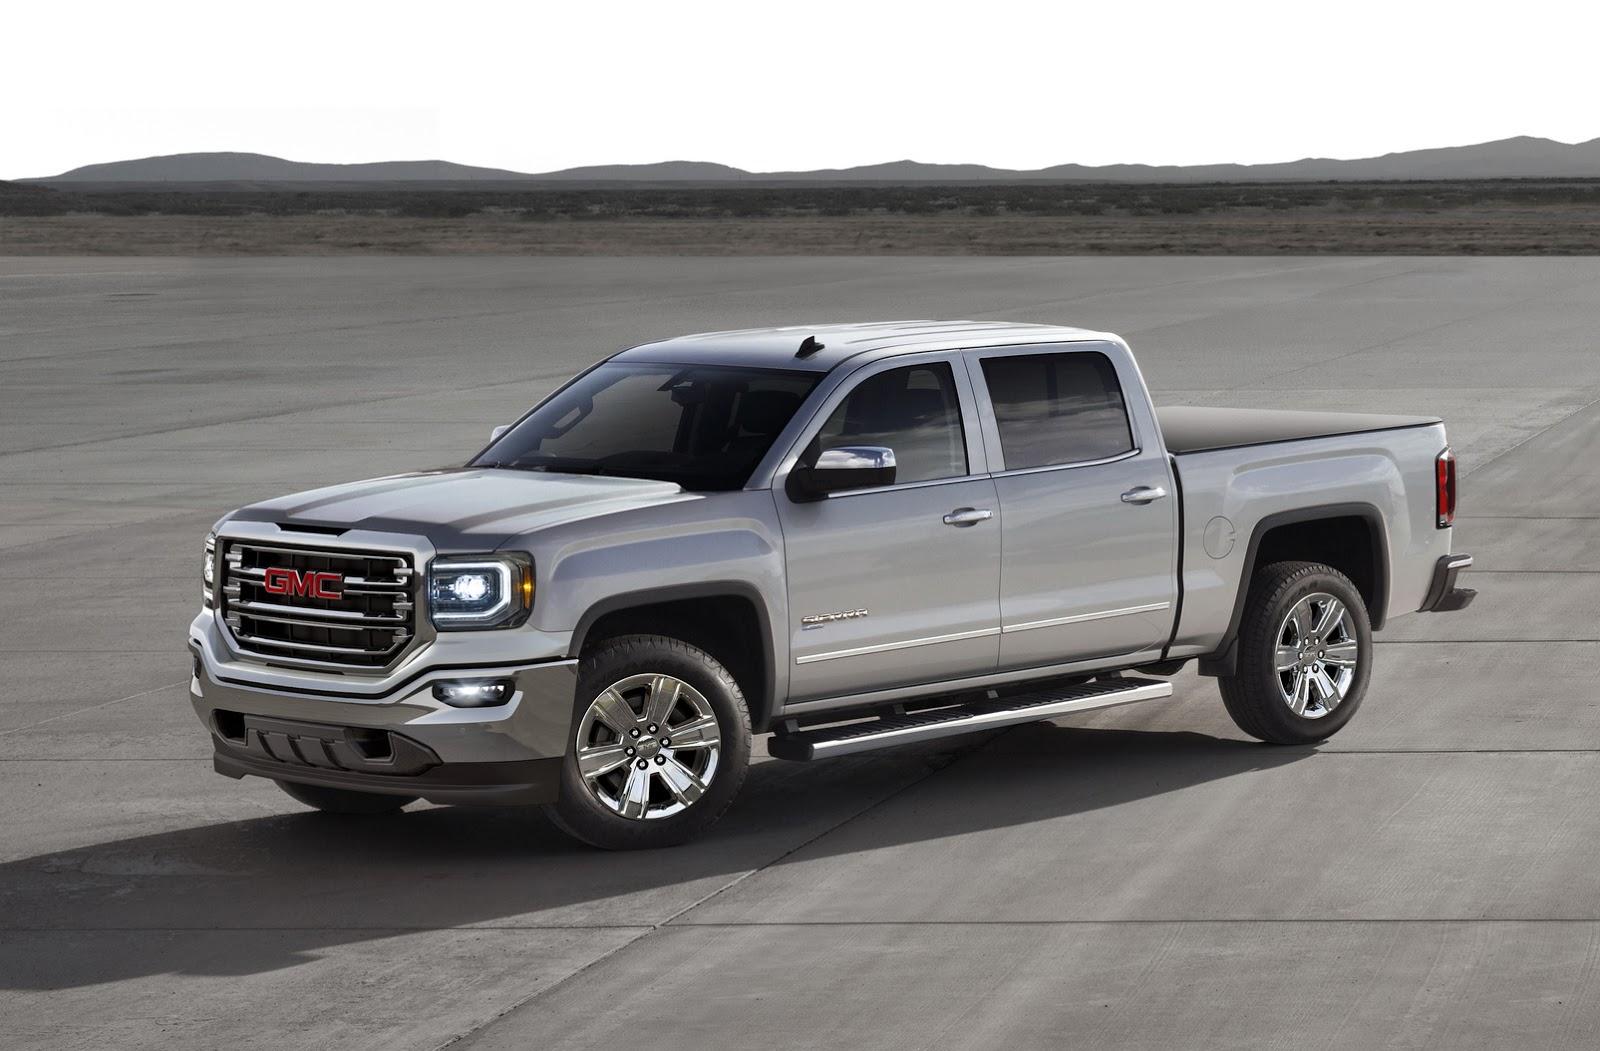 Những chiếc siêu bán tải của GMC sẽ bớt ngốn xăng hơn?